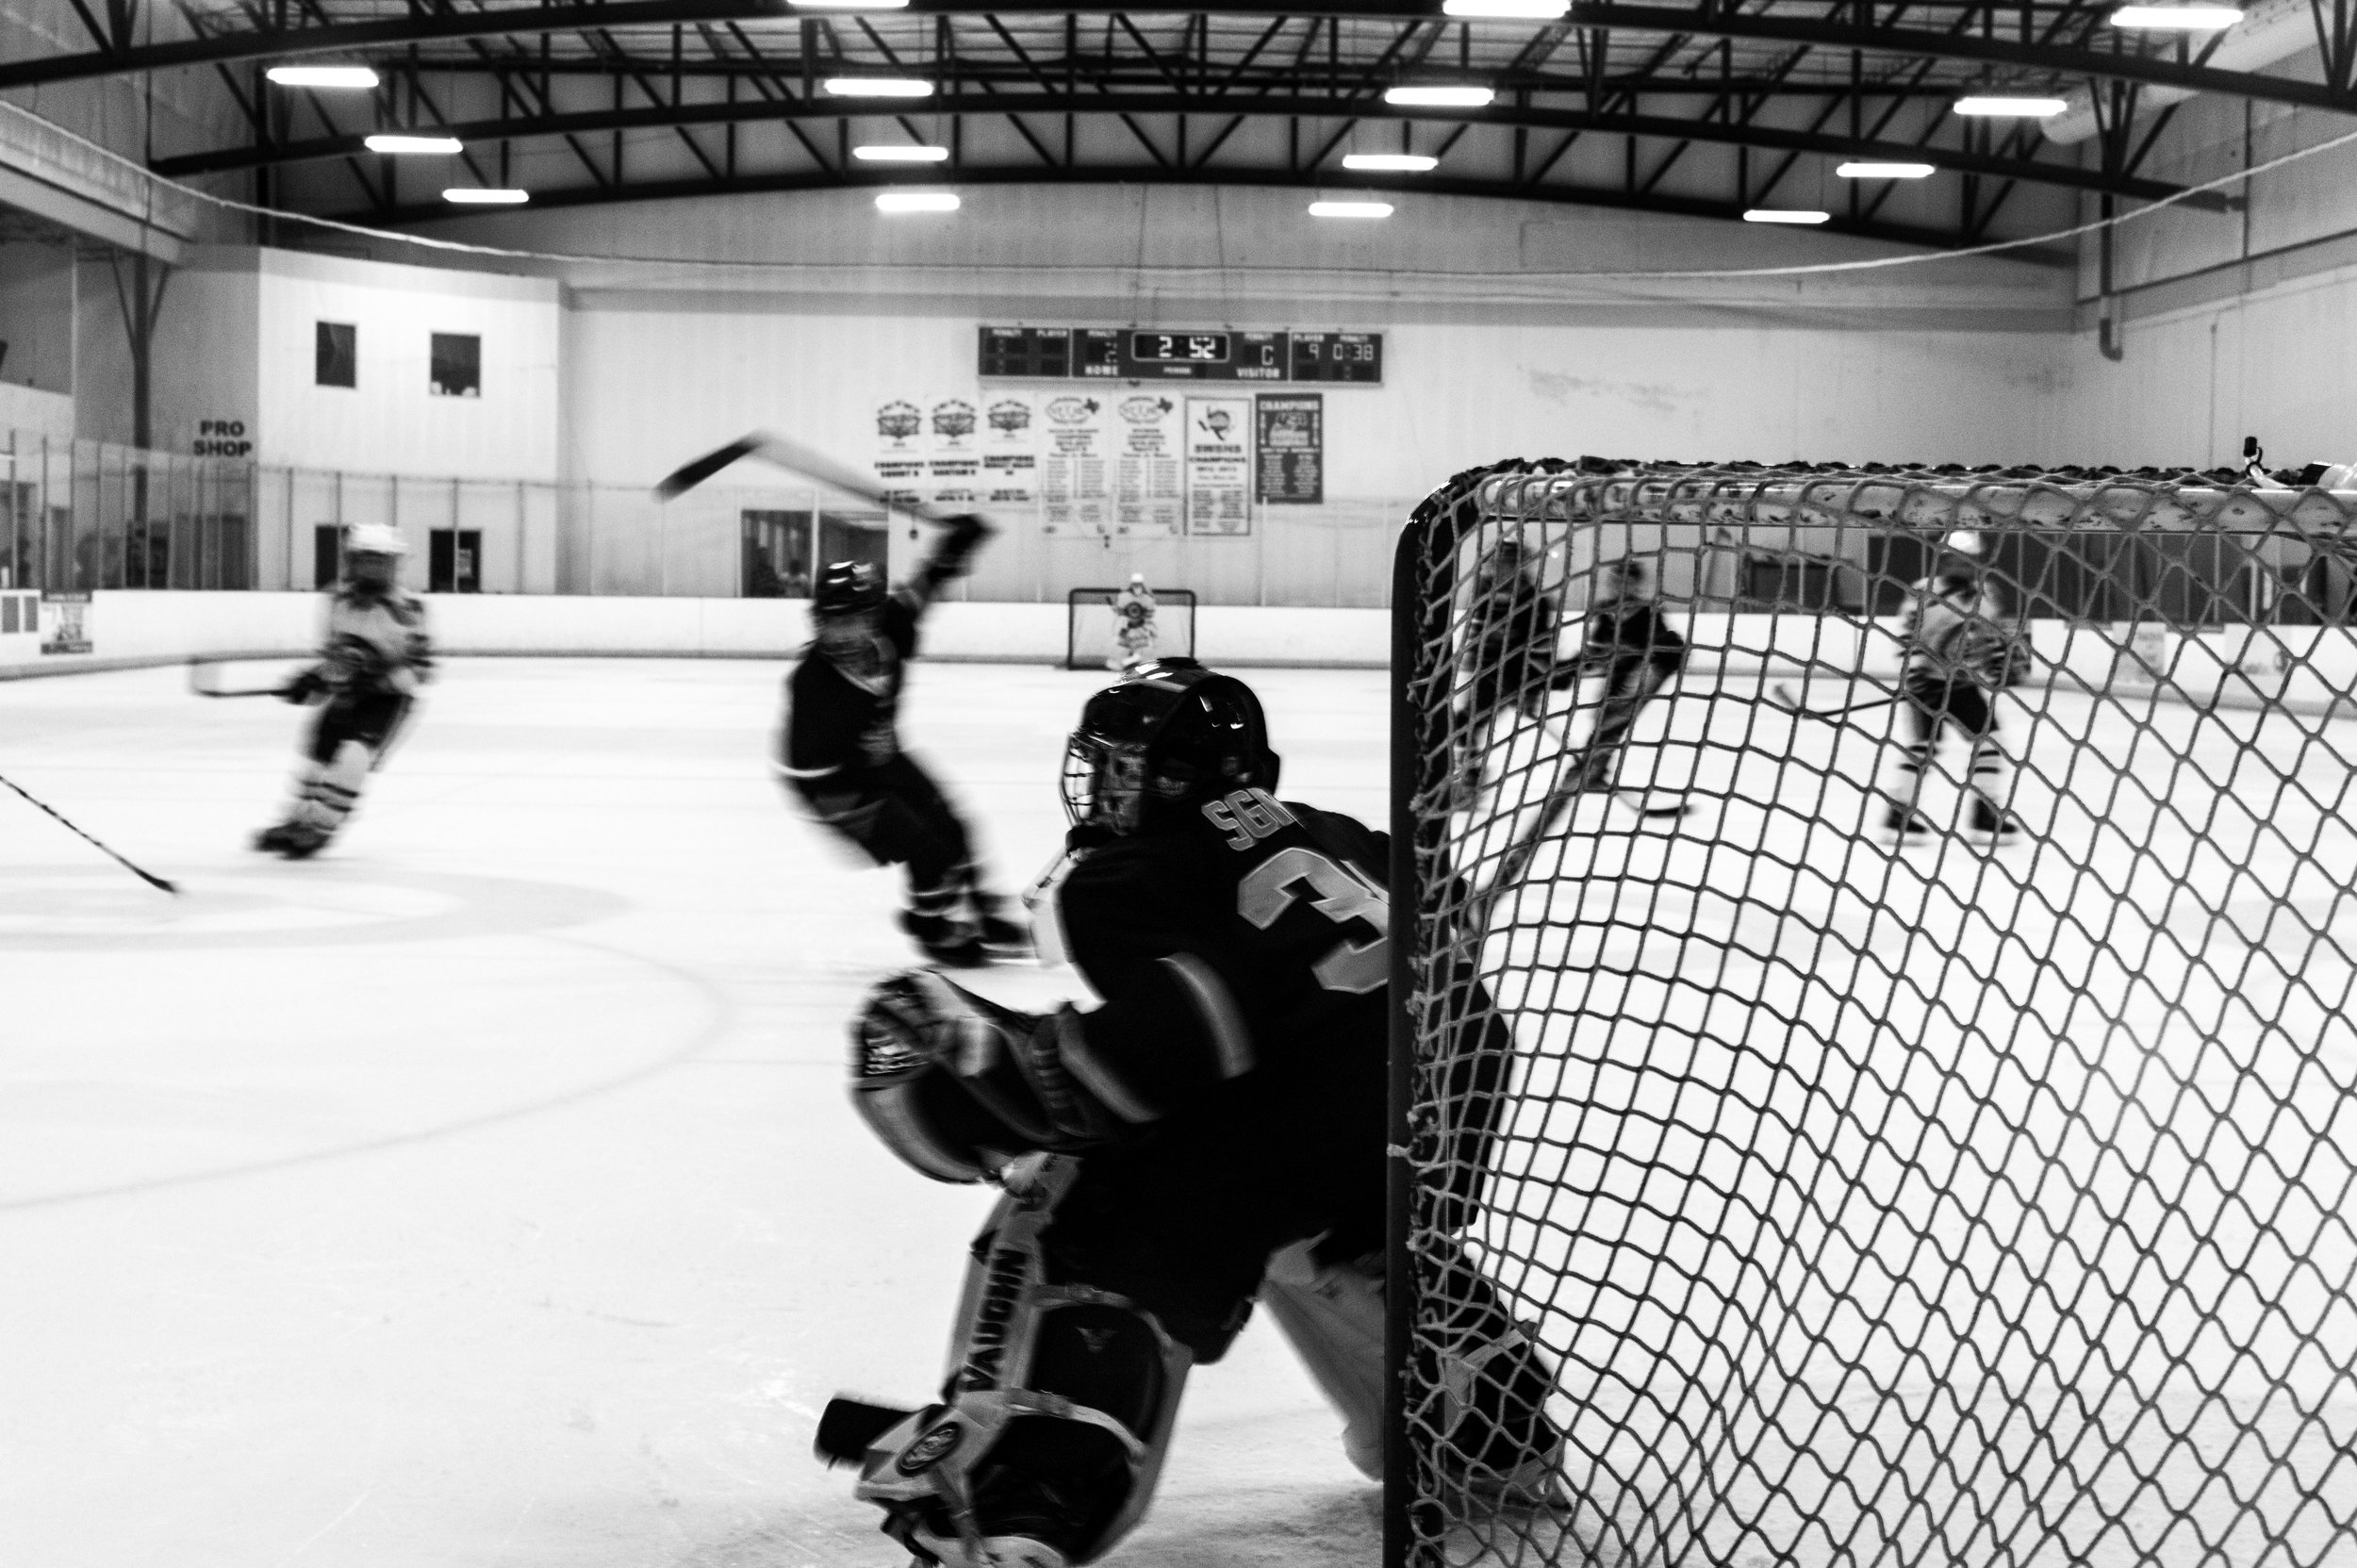 ice_hockey-031.jpg